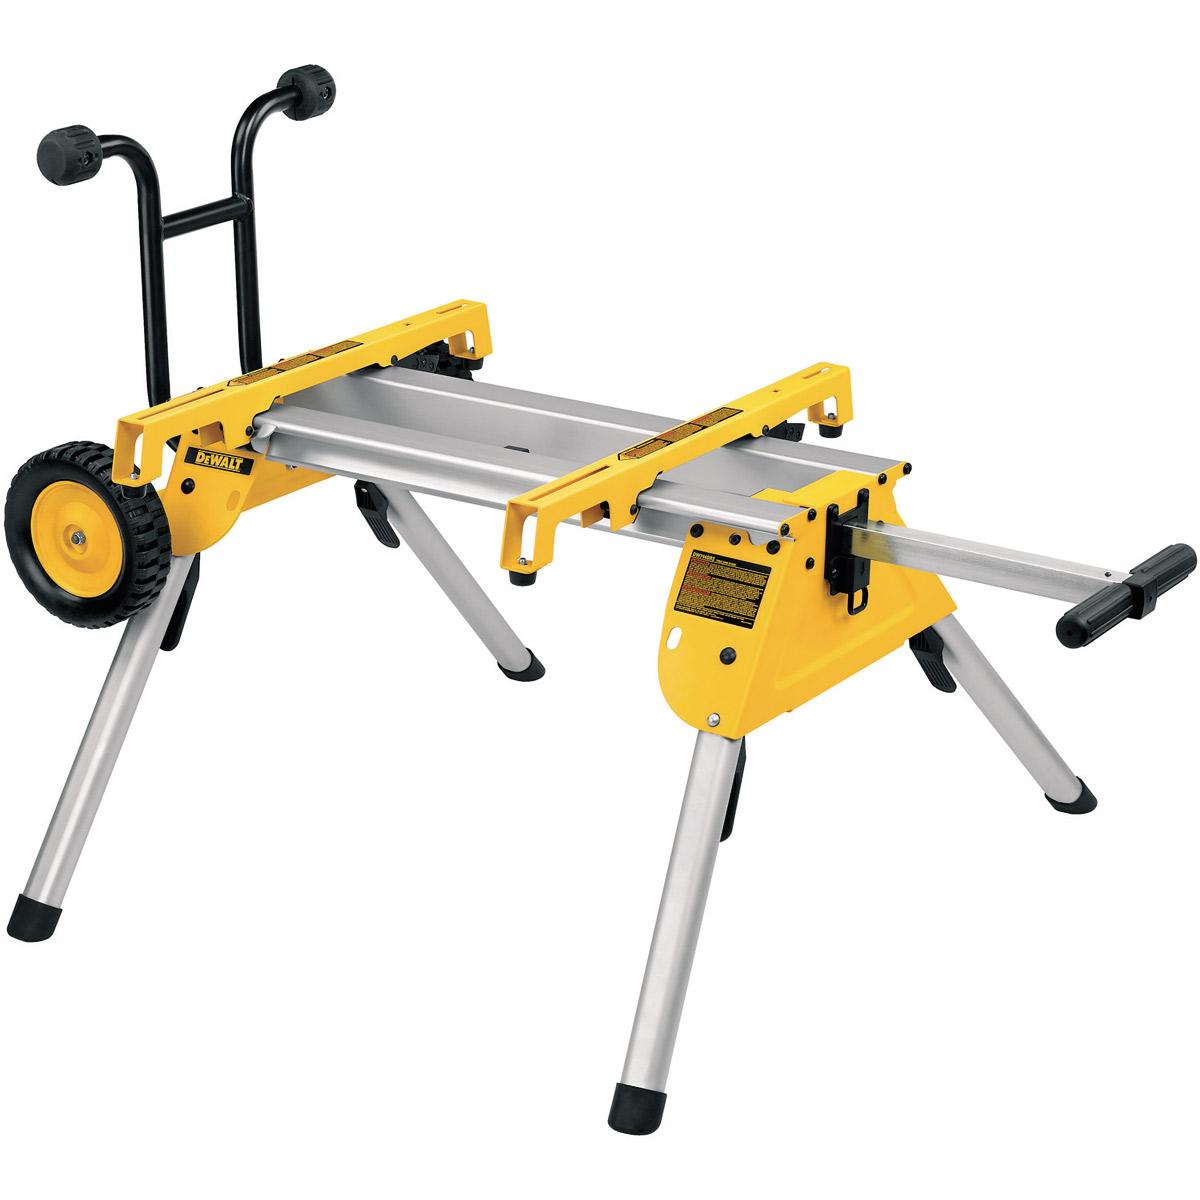 DE7400 DeWALT Pojízdný stojan pro stolní pily pro DW744, DW745, DWE7491